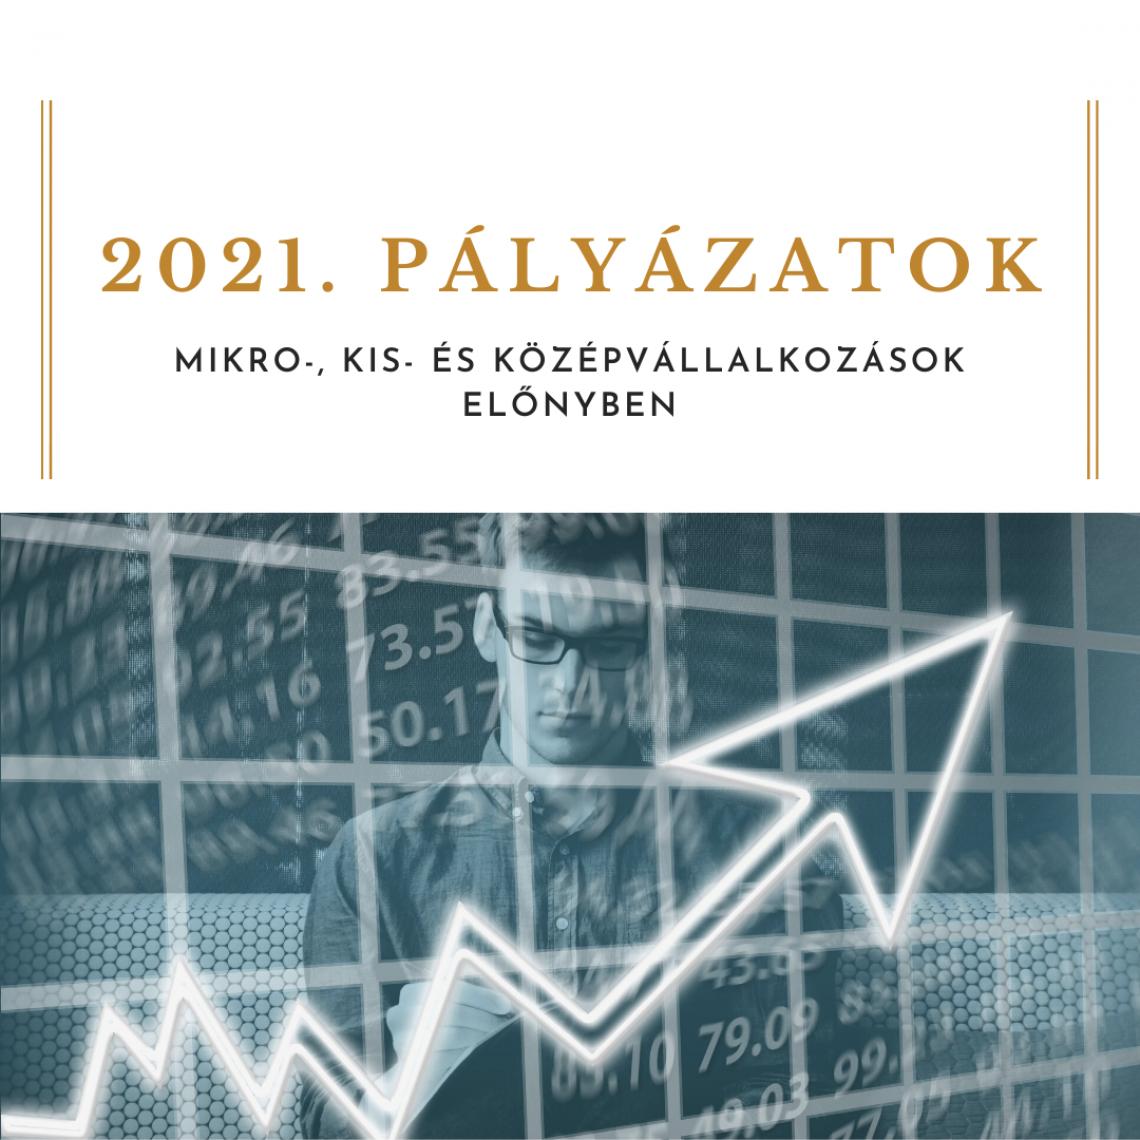 2021 pályázatok kezdőkép honlapra